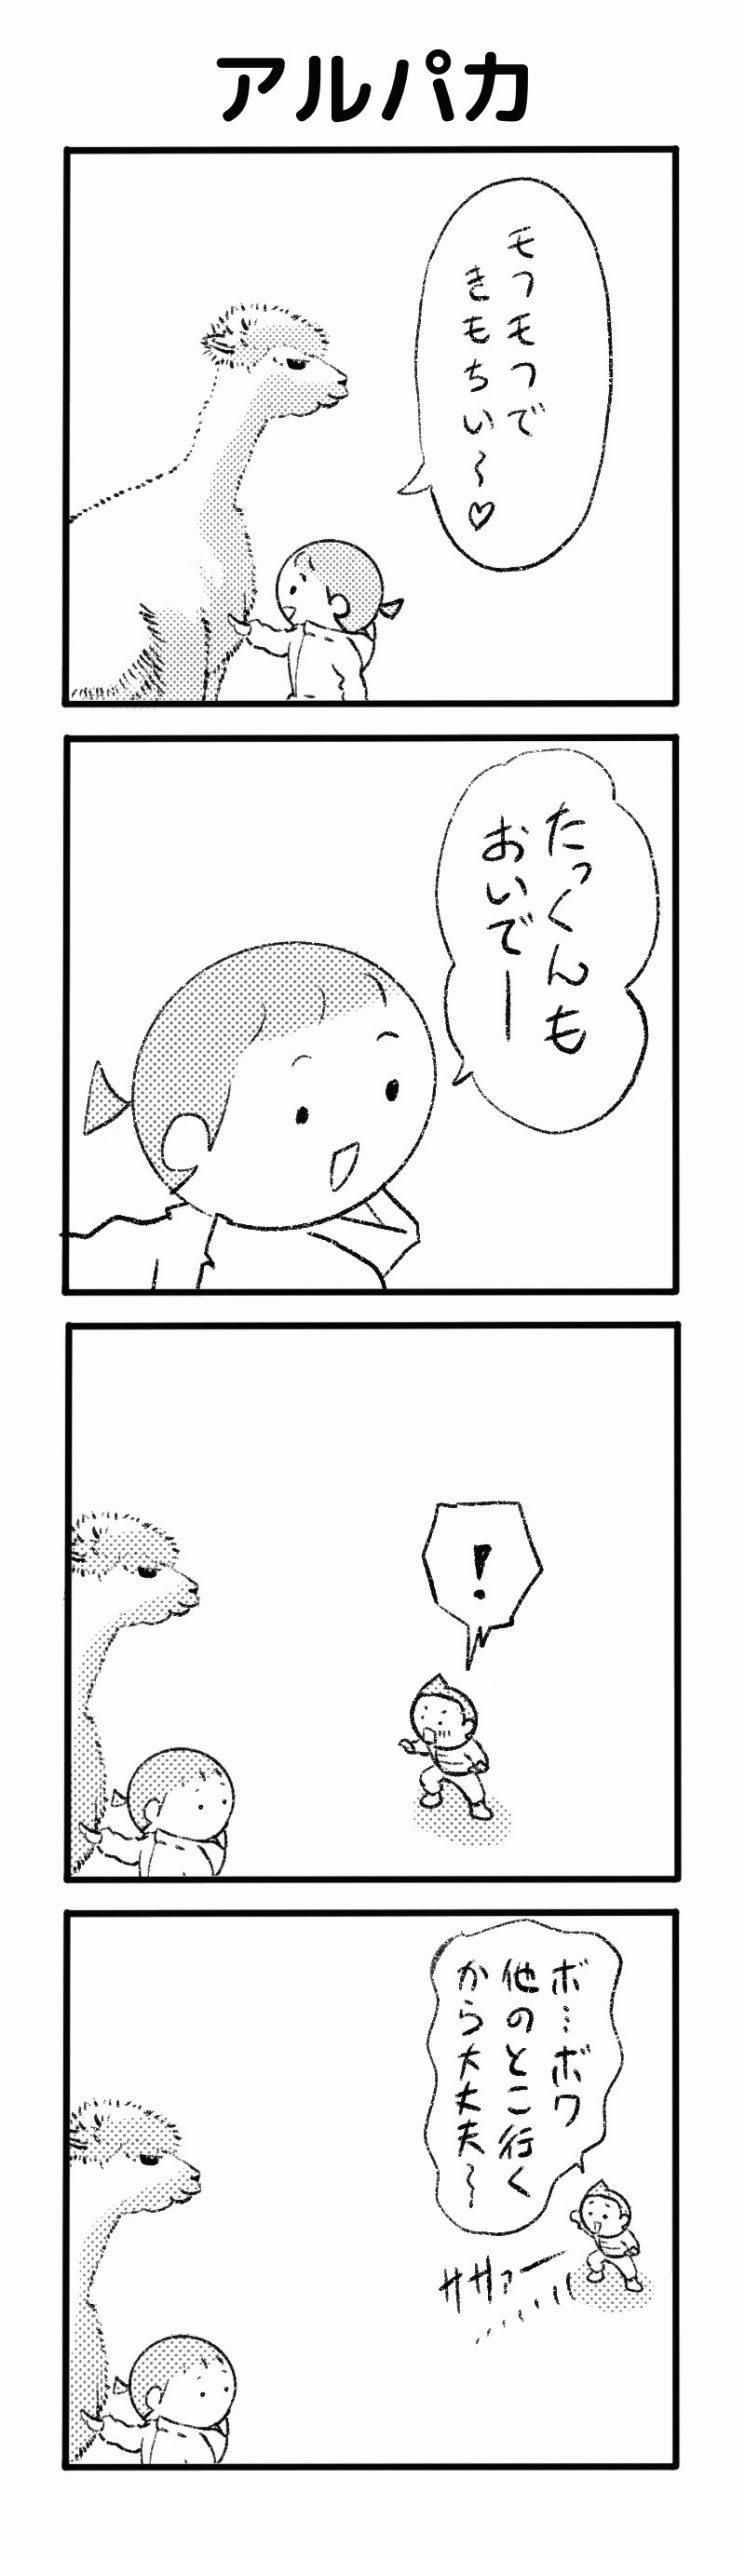 04image